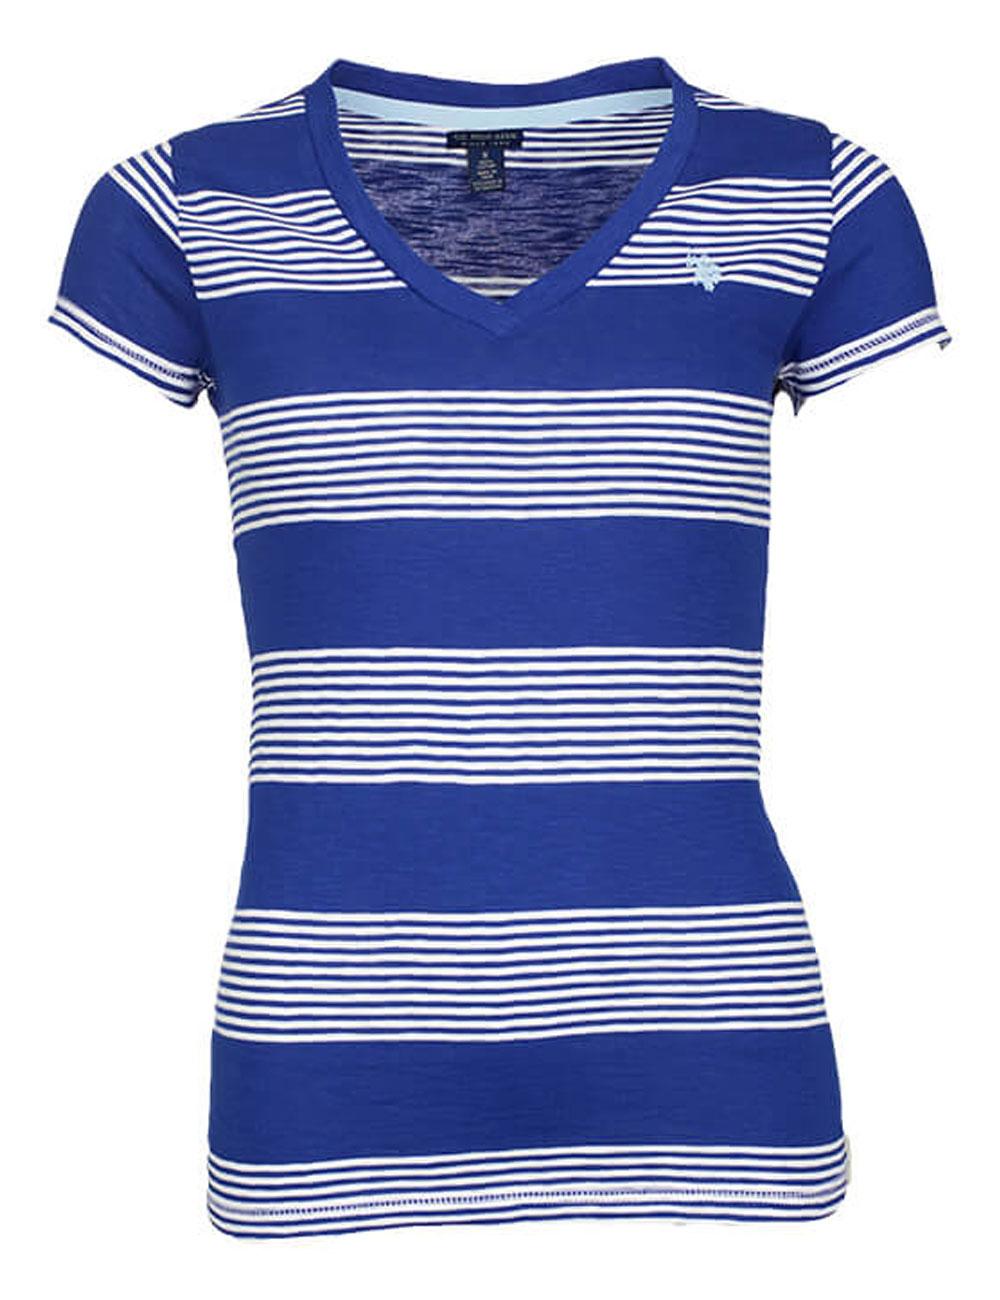 Polo Shirt De T Us Femme AssnMulticolore lKcTFJ13